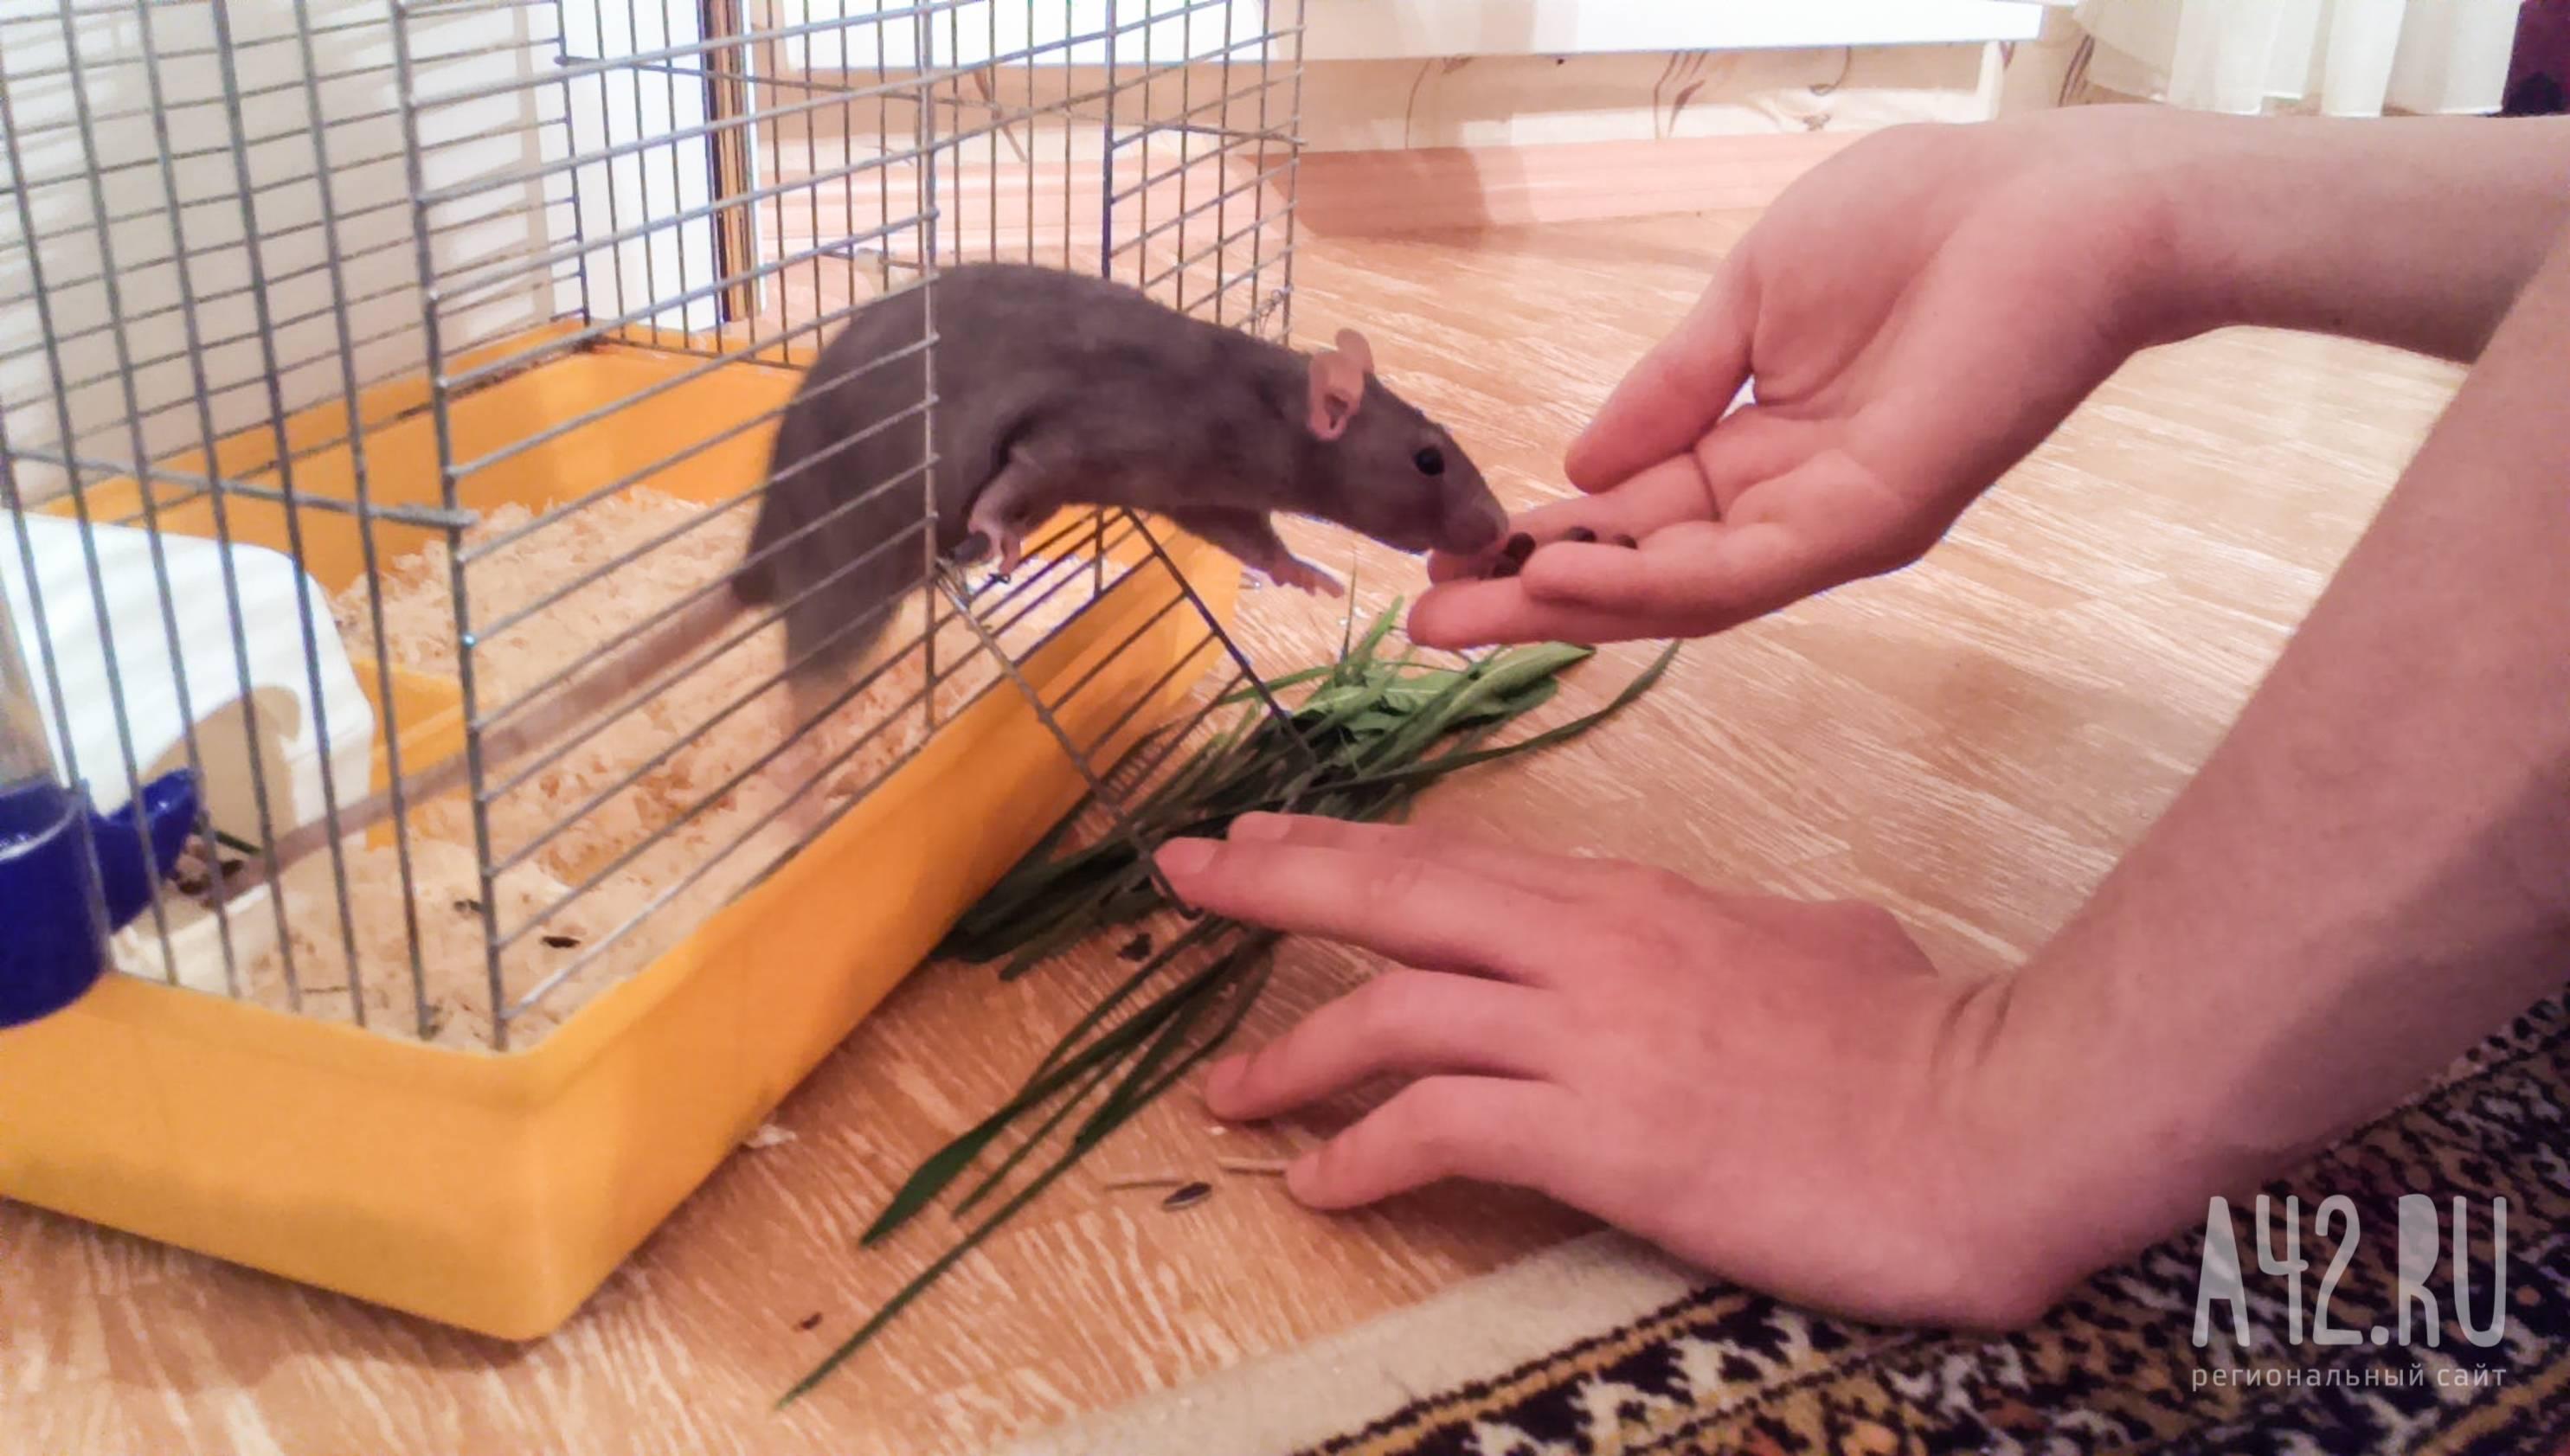 Какой запах отпугивает мышей в квартире и доме